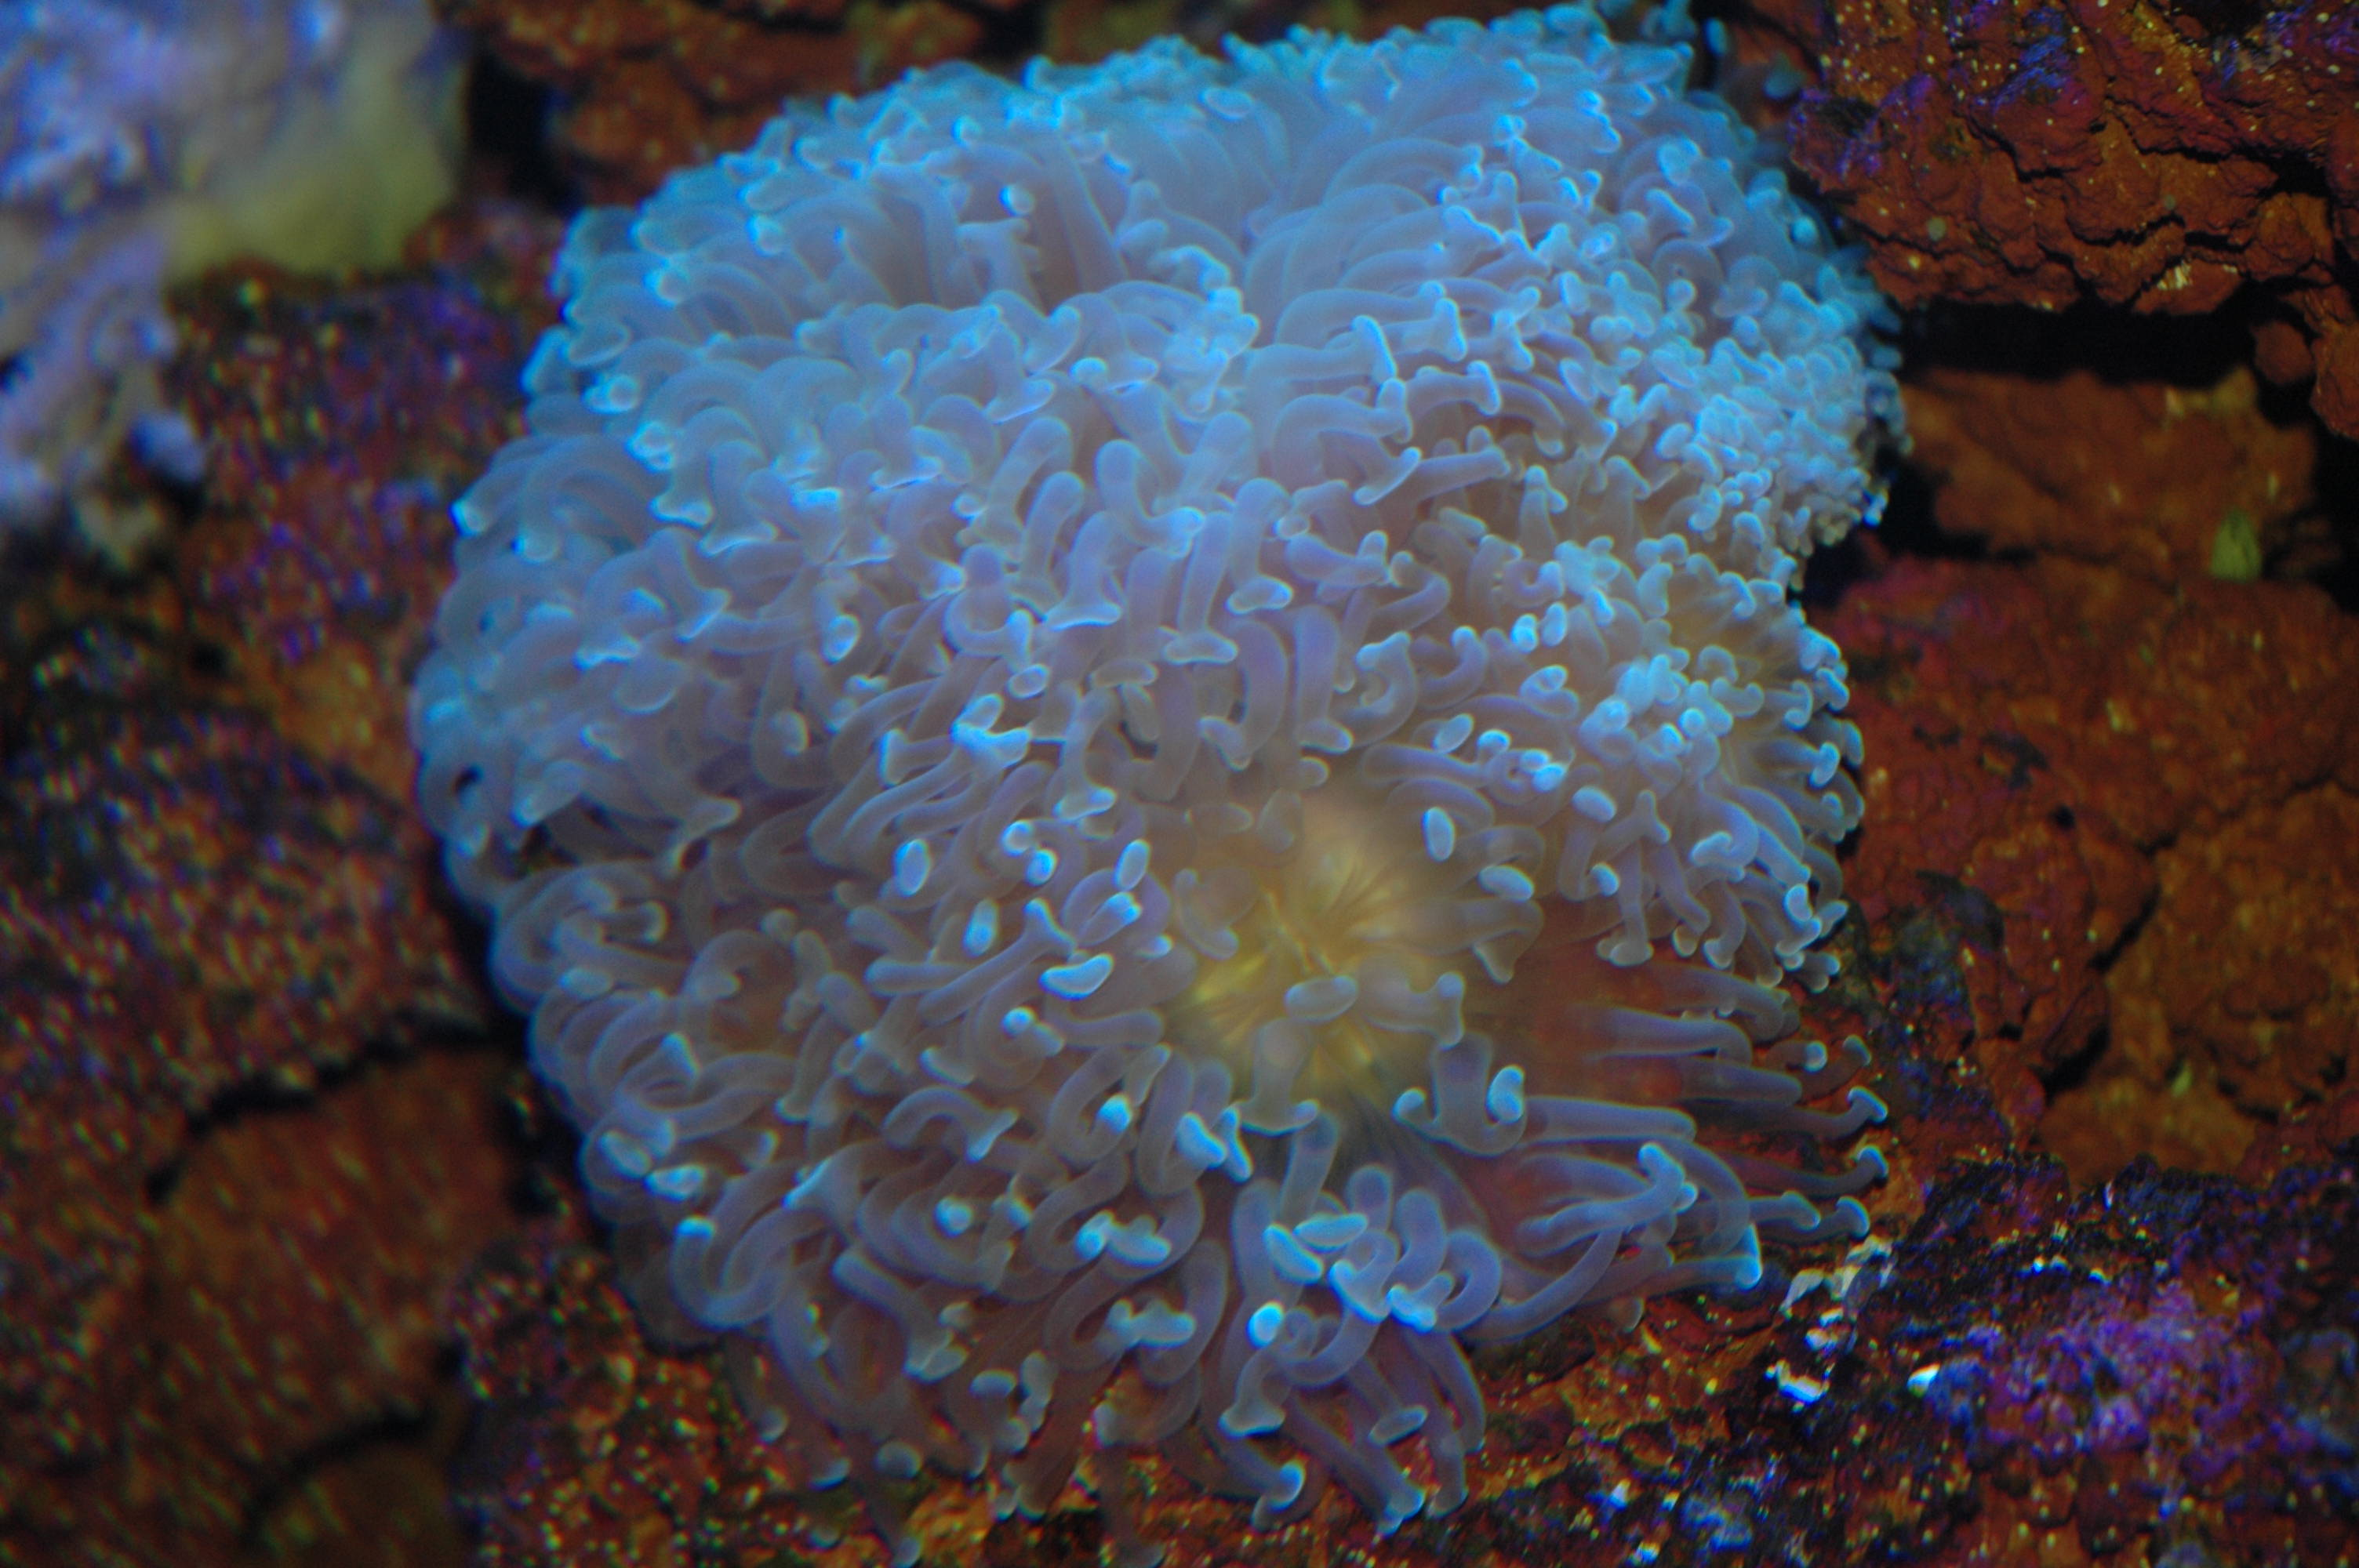 kurbağa çekiç mercan